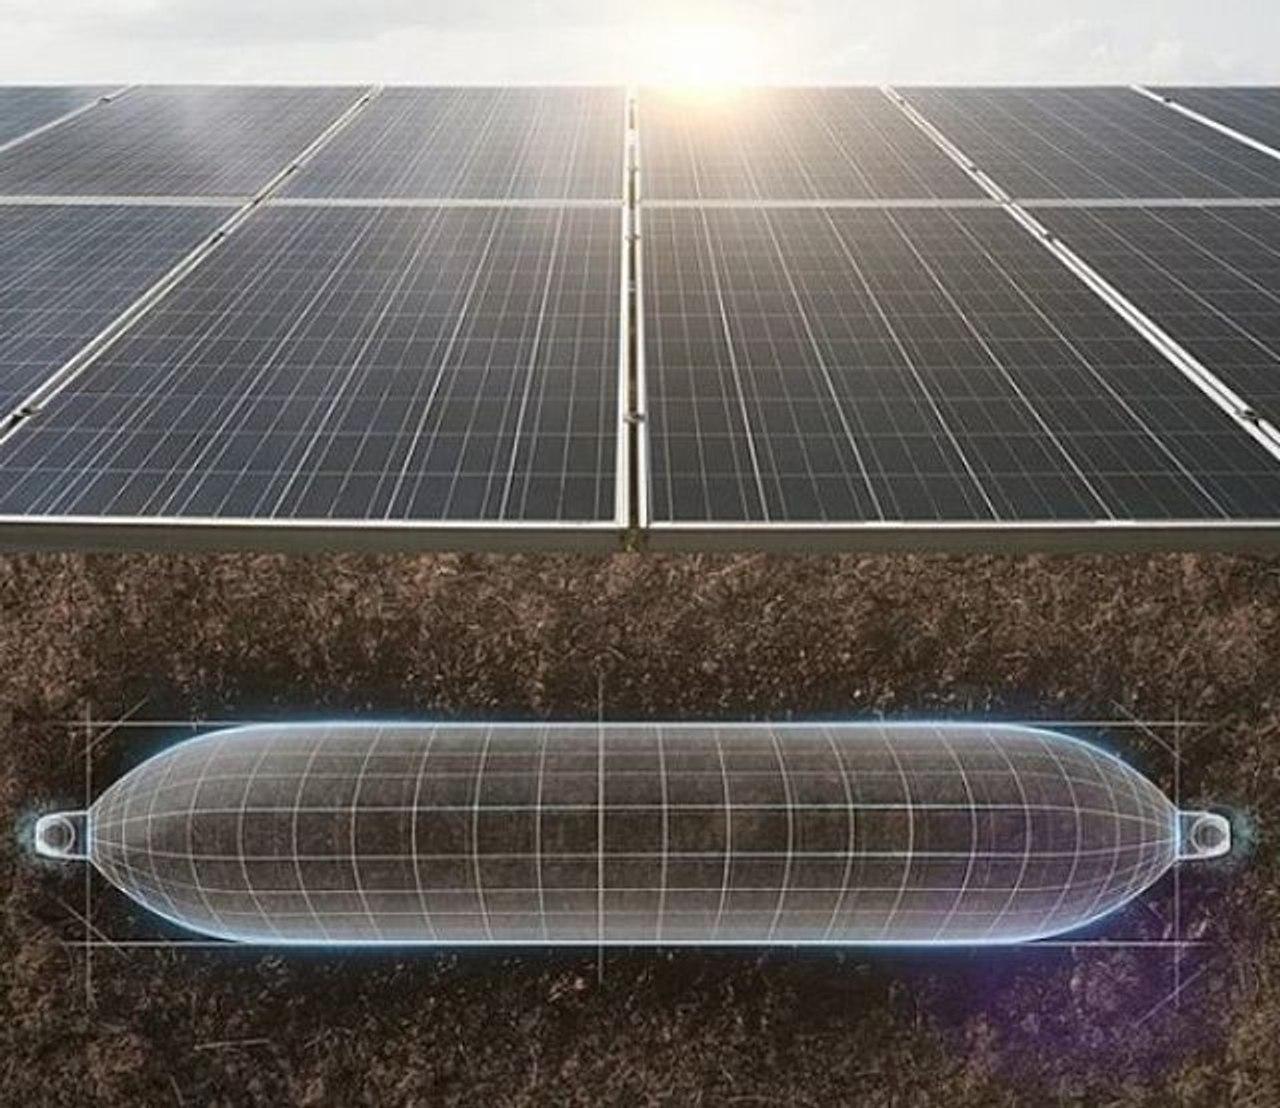 В Израиле разработали систему хранения «солнечной» электроэнергии в виде сжатого воздуха